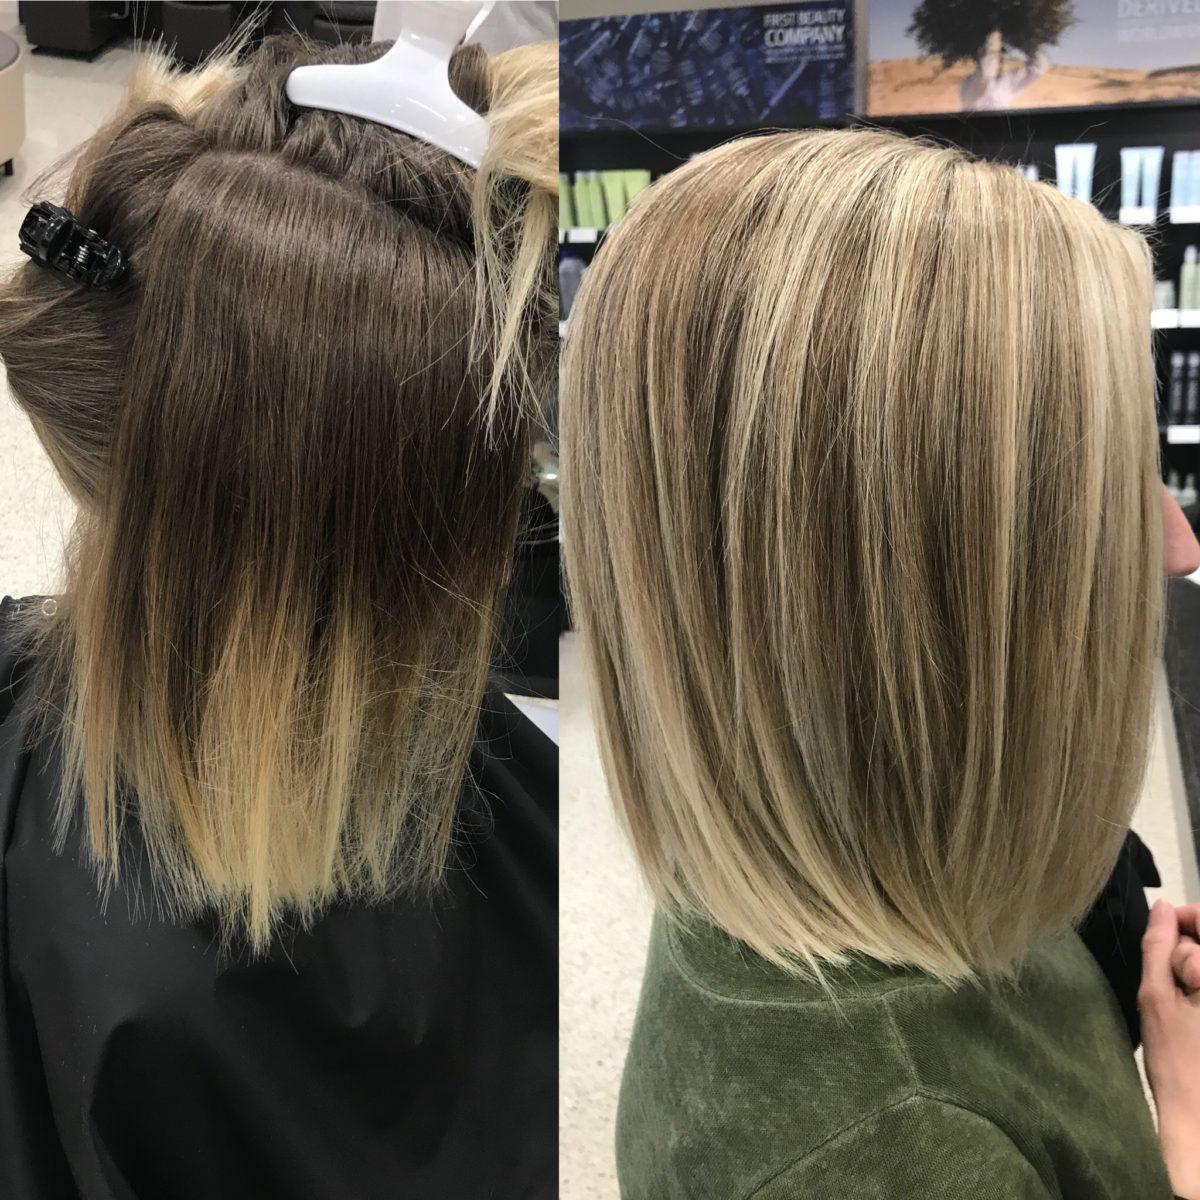 Hair Color Blonde Burlington, WI